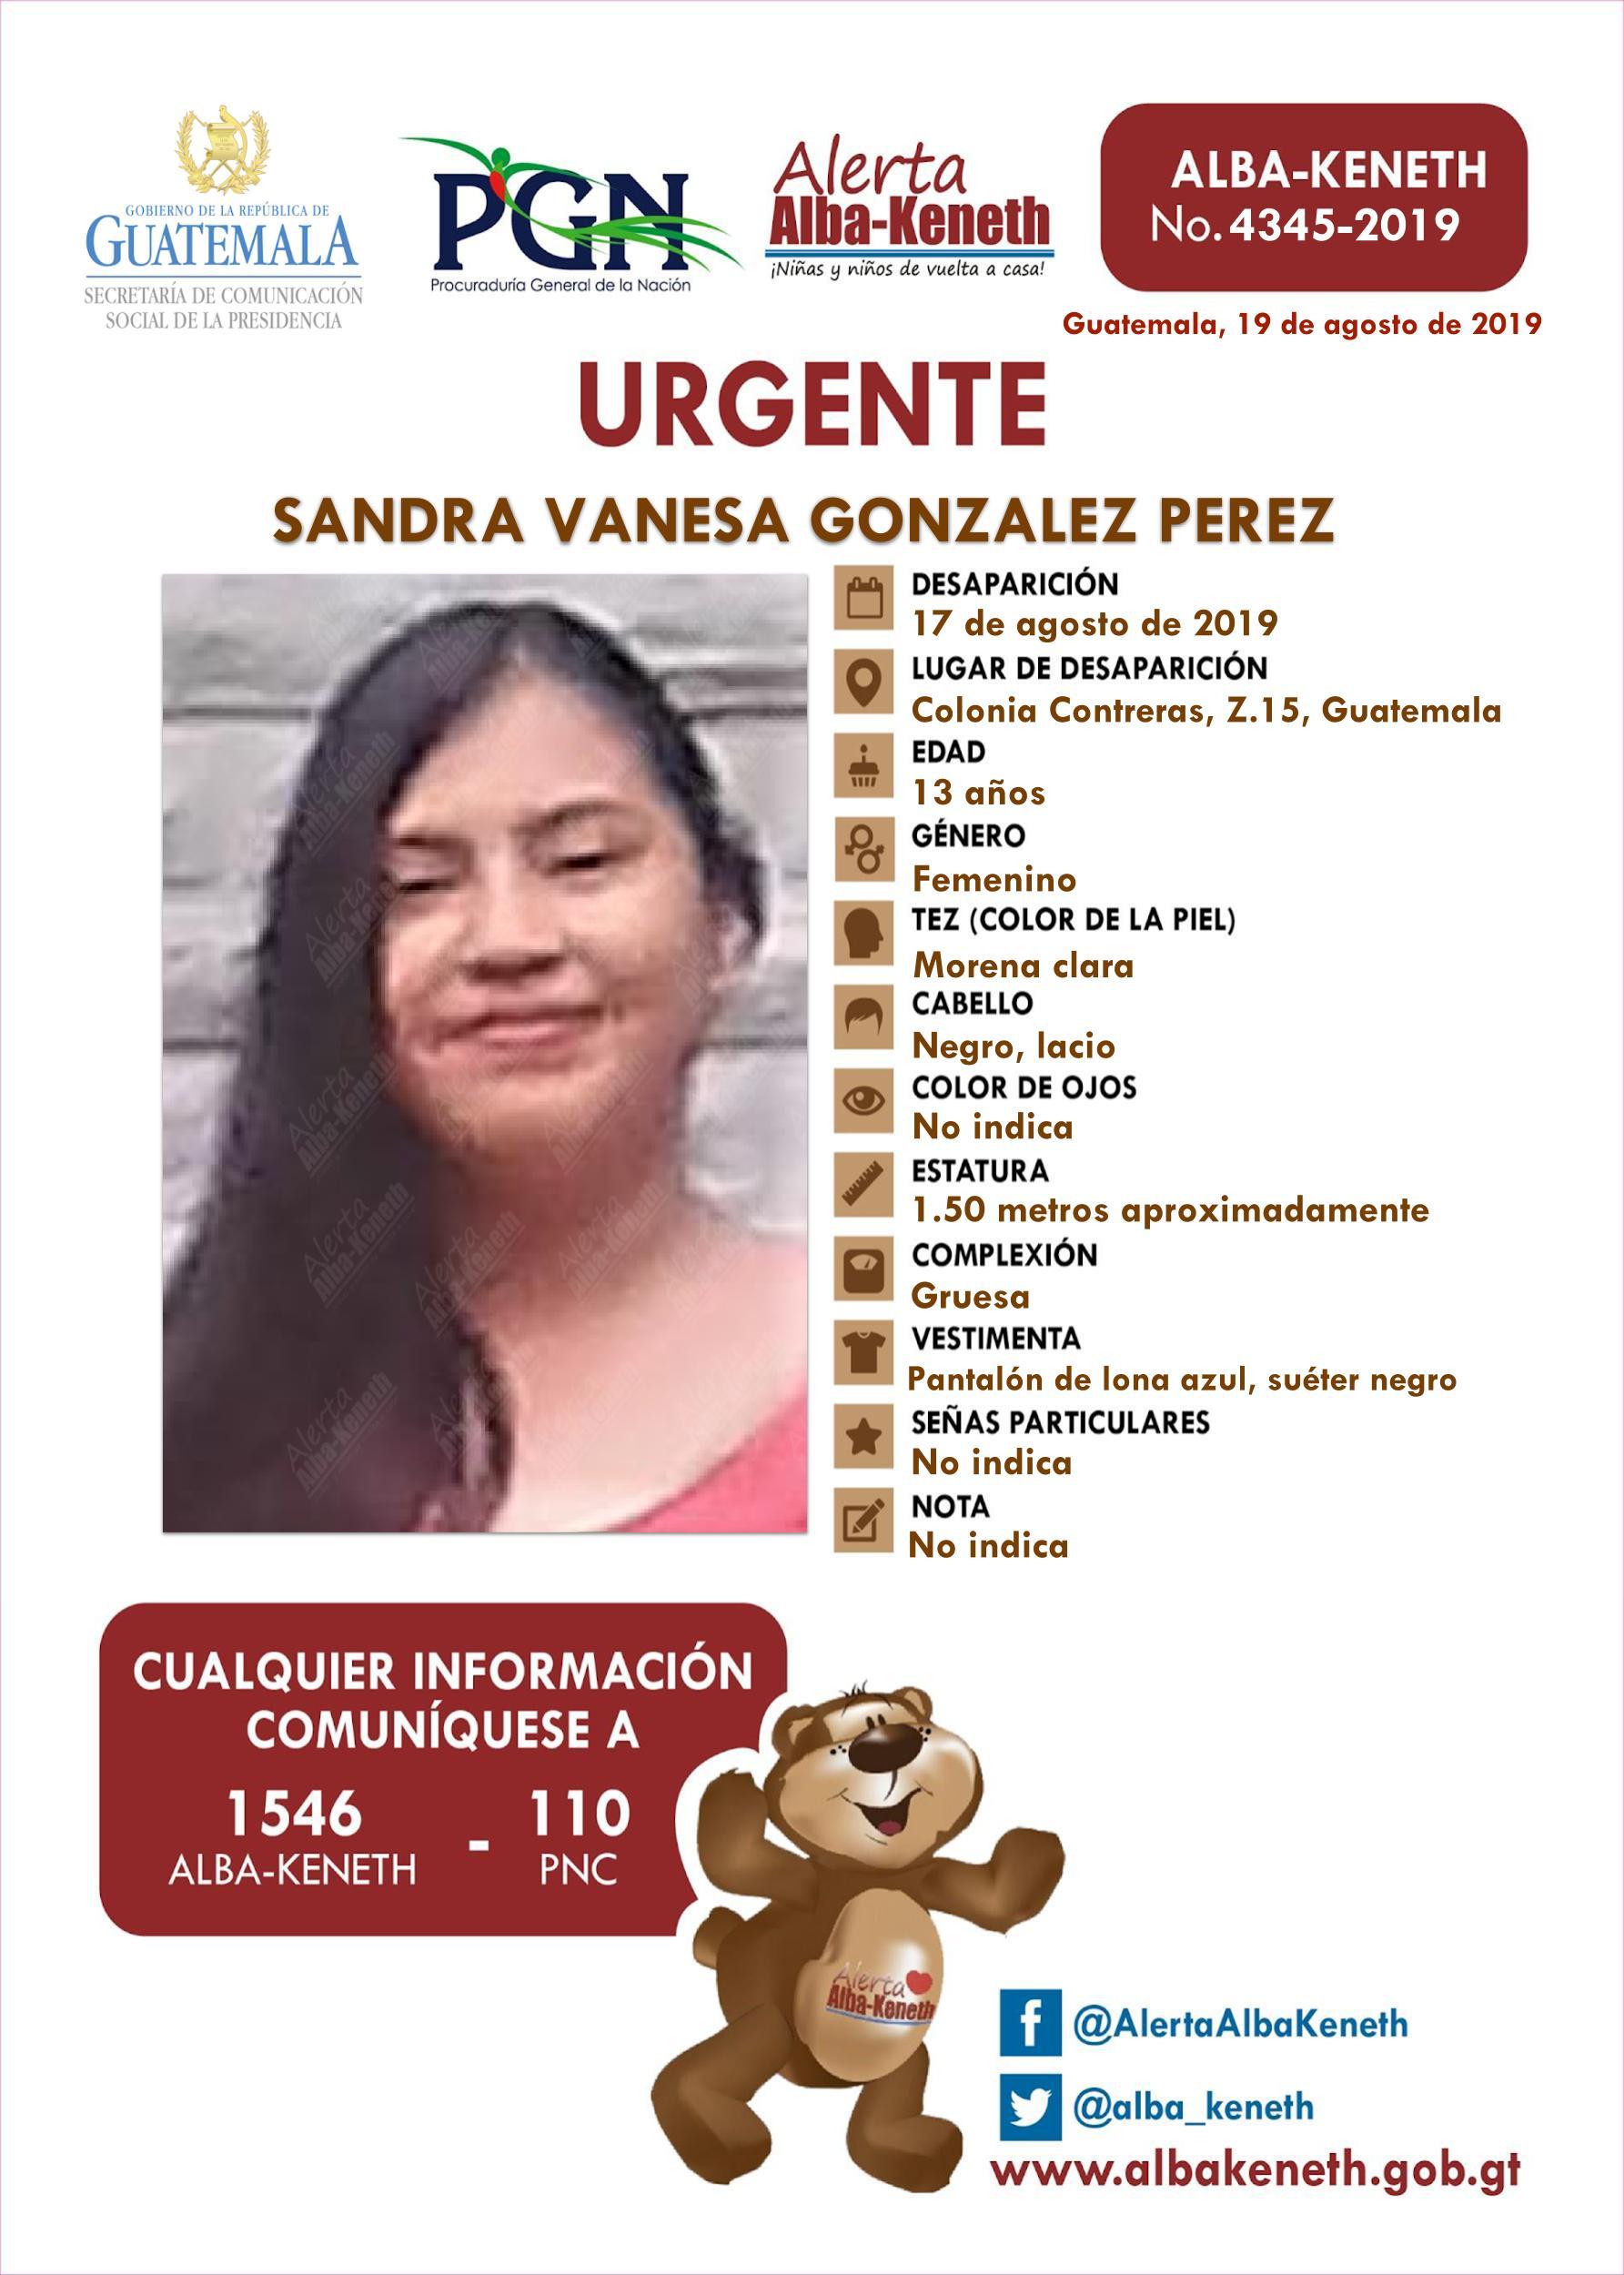 Sandra Vanesa Gonzalez Perez